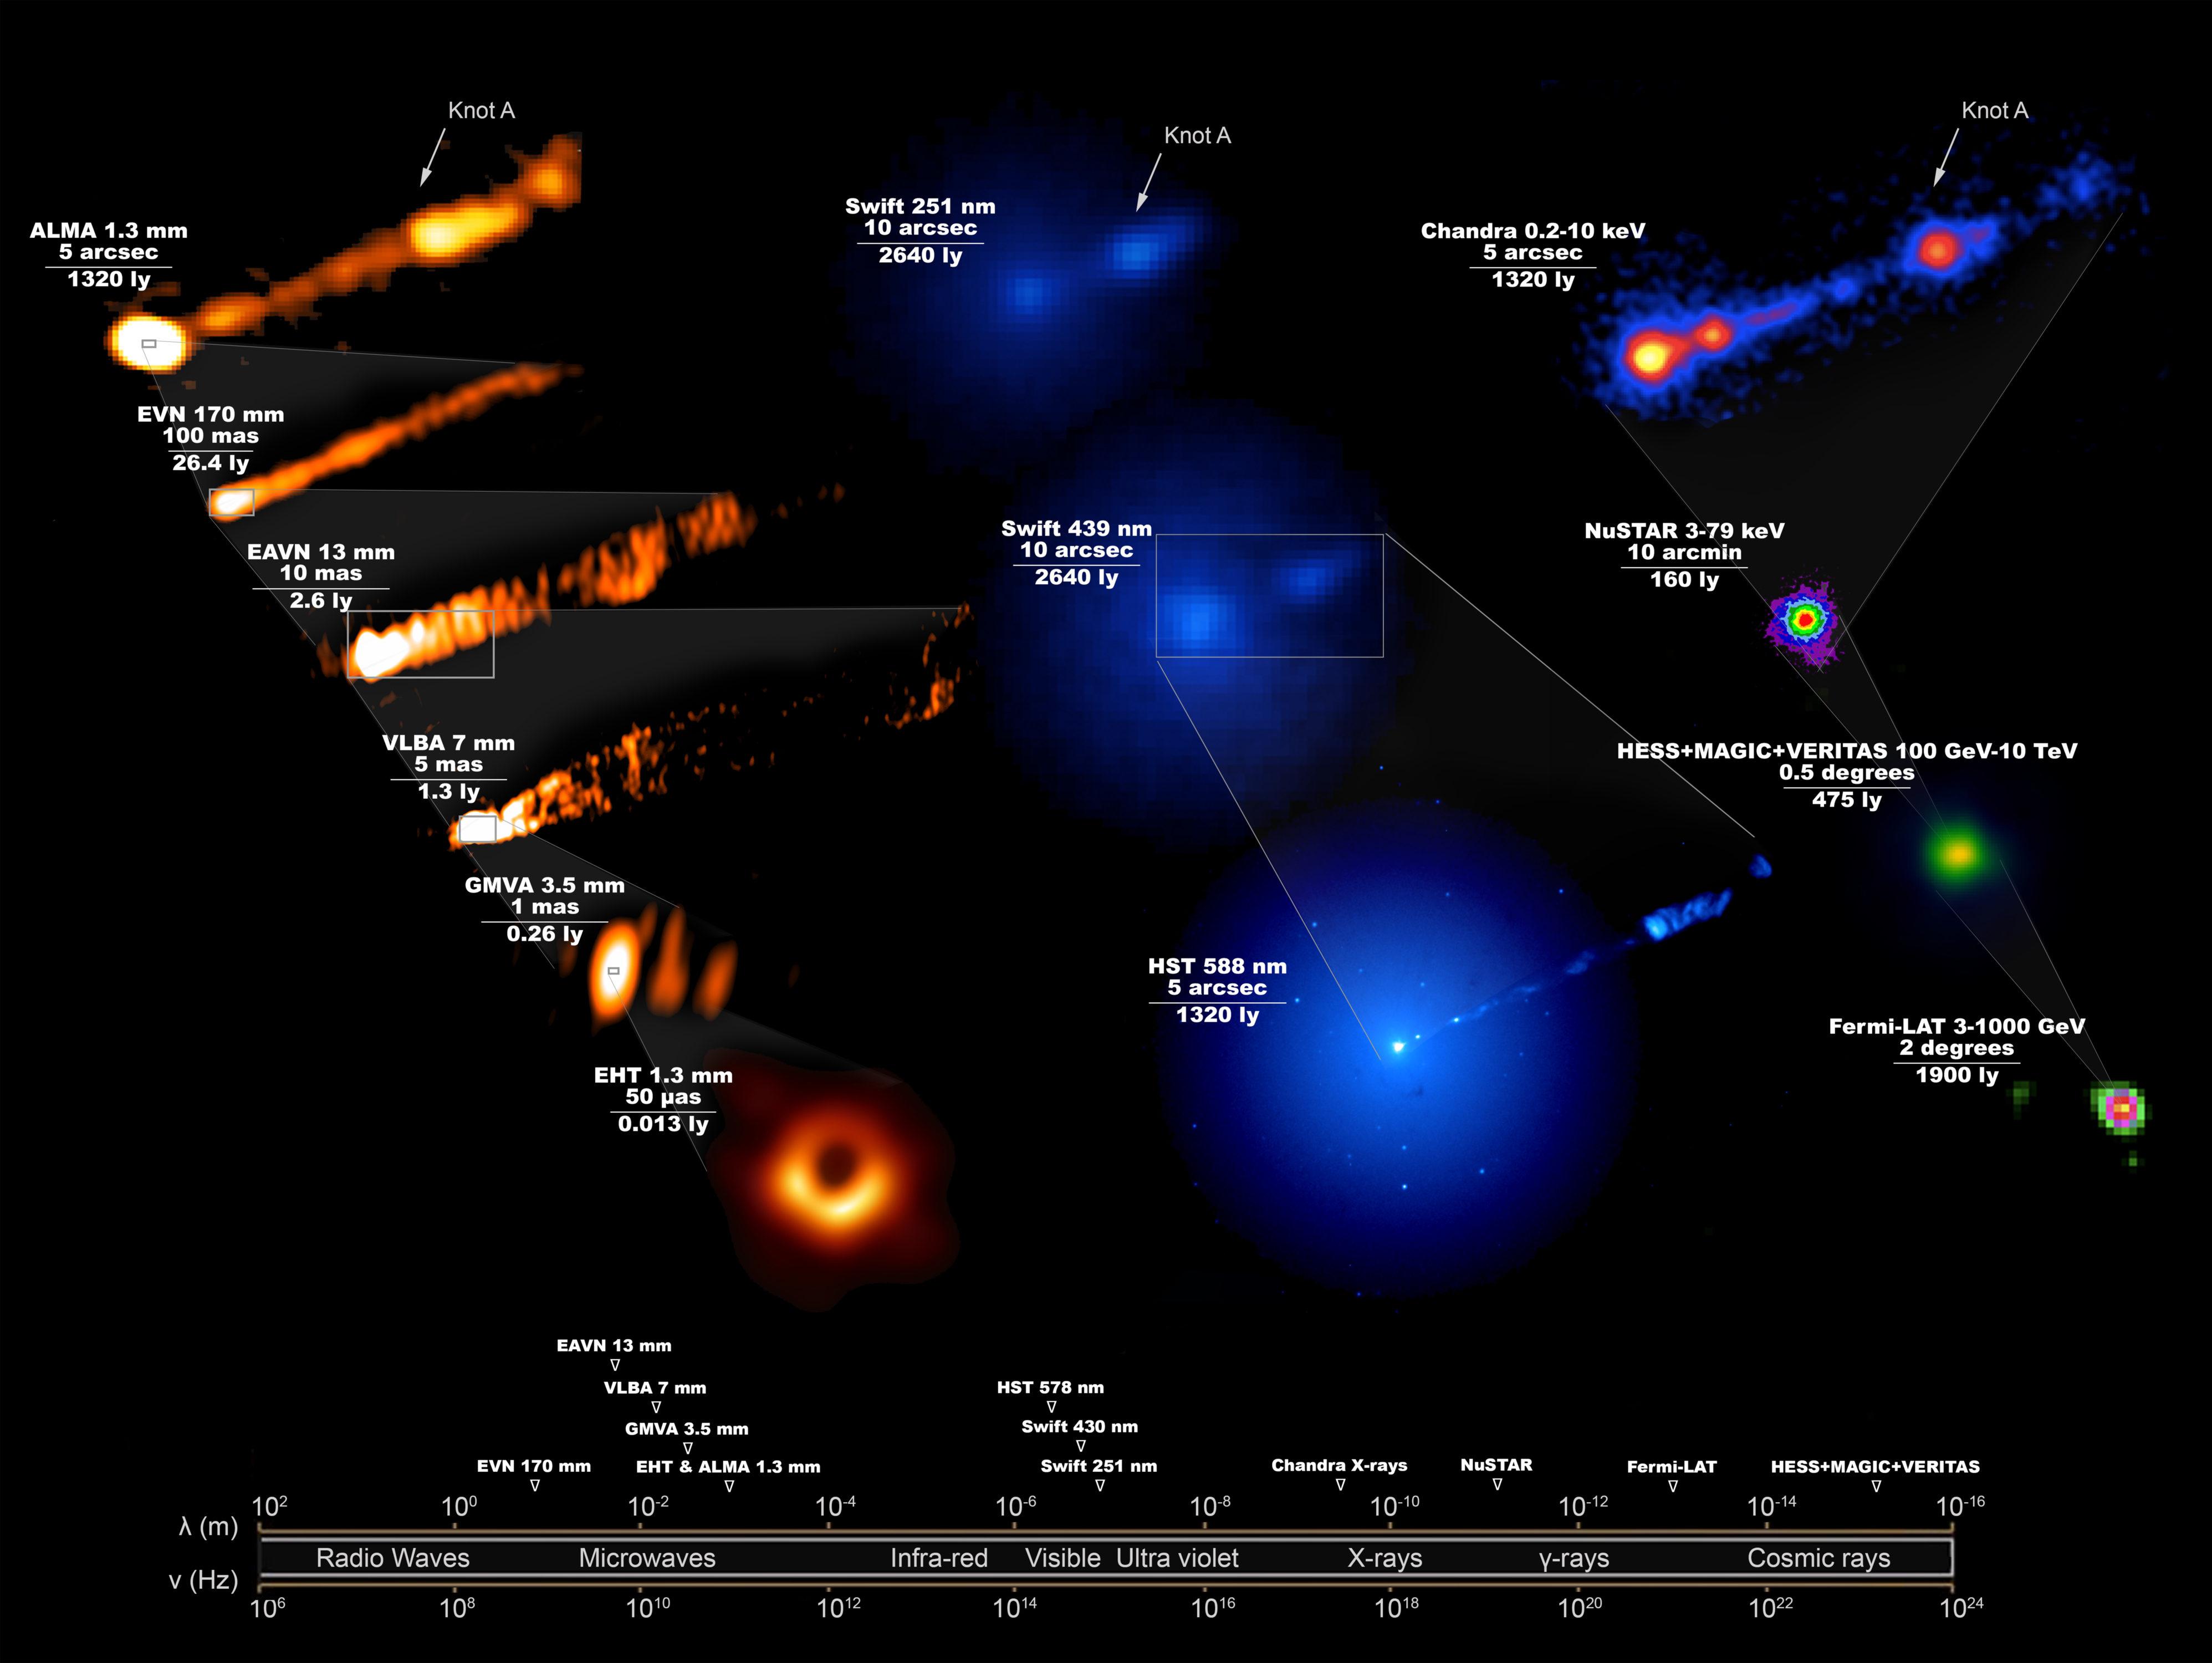 Imagen compuesta que muestra cómo se veía el sistema M87, en todo el espectro electromagnético, durante la campaña de abril de 2017 del Event Horizon Telescope para tomar la primera imagen icónica de un agujero negro. Esta imagen, que requiere 19 instalaciones diferentes en la Tierra y en el espacio, revela las enormes escalas abarcadas por el agujero negro y su chorro que apunta hacia adelante, lanzado justo fuera del horizonte de eventos y que abarca toda la galaxia. La parte superior izquierda de la figura es una imagen tomada por ALMA, que muestra el chorro de mayor escala observado en la misma escala que la imagen visible tomada por el Telescopio Espacial Hubble y la imagen de rayos X de Chandra (parte superior derecha).   Crédito: Grupo de trabajo científico de longitud de onda múltiple de EHT; la Colaboración EHT; ALMA (ESO / NAOJ / NRAO); el EVN; la Colaboración EAVN; VLBA (NRAO); el GMVA; el telescopio espacial Hubble; el Observatorio Swift de Neil Gehrels; el Observatorio de rayos X Chandra; la matriz de telescopios espectroscópicos nucleares; la Colaboración Fermi-LAT; la colaboración H.E.S.S; la colaboración MAGIC; la colaboración VERITAS; NASA y ESA. Composición de J. C. Algaba